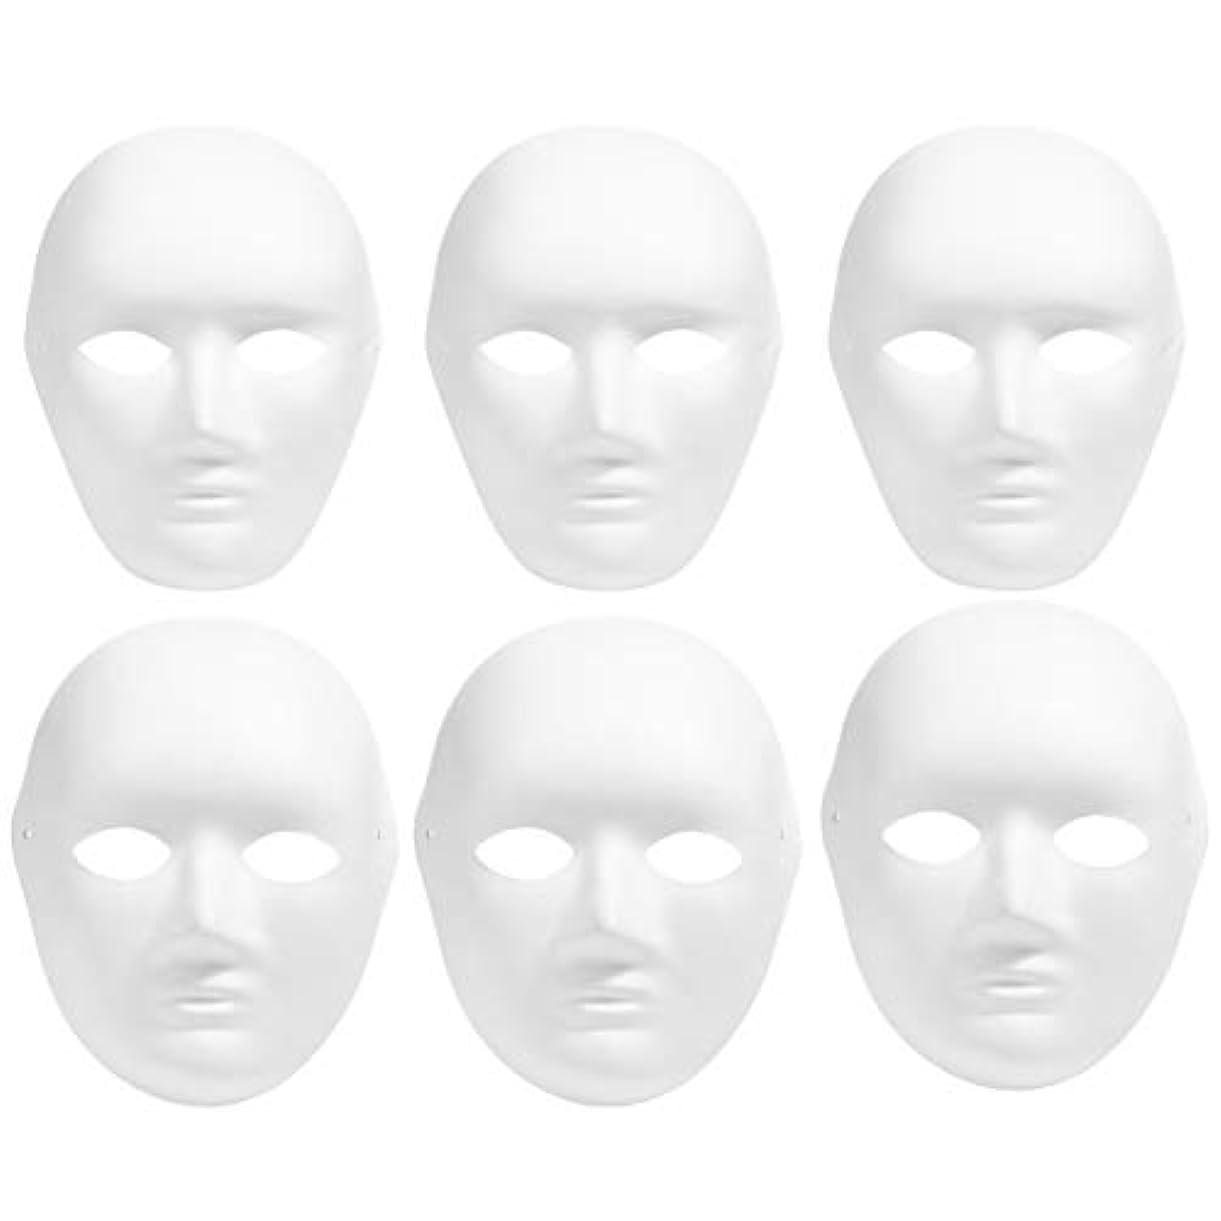 教不健全配管工マスク ハロウィン 怖い 白い人面マスク ハロウィンマスク ハロウィン 仮装 仮面 コスプレ 6*男性?6*女性